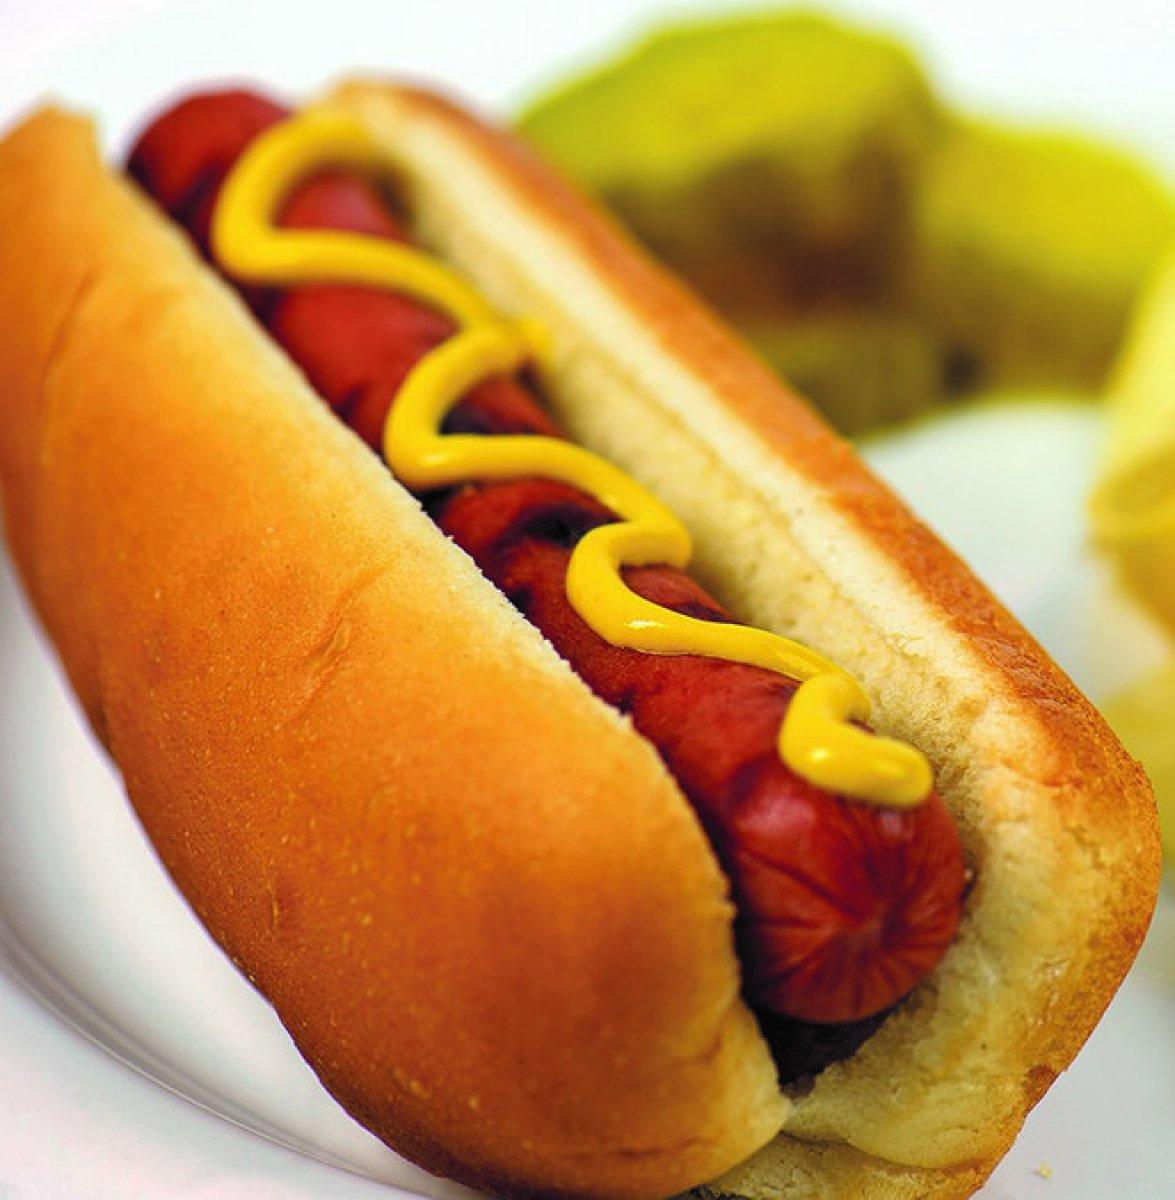 ABD'li araştırmacılar binlerce yiyeceği araştırdı, en zararlılarını buldu  #1